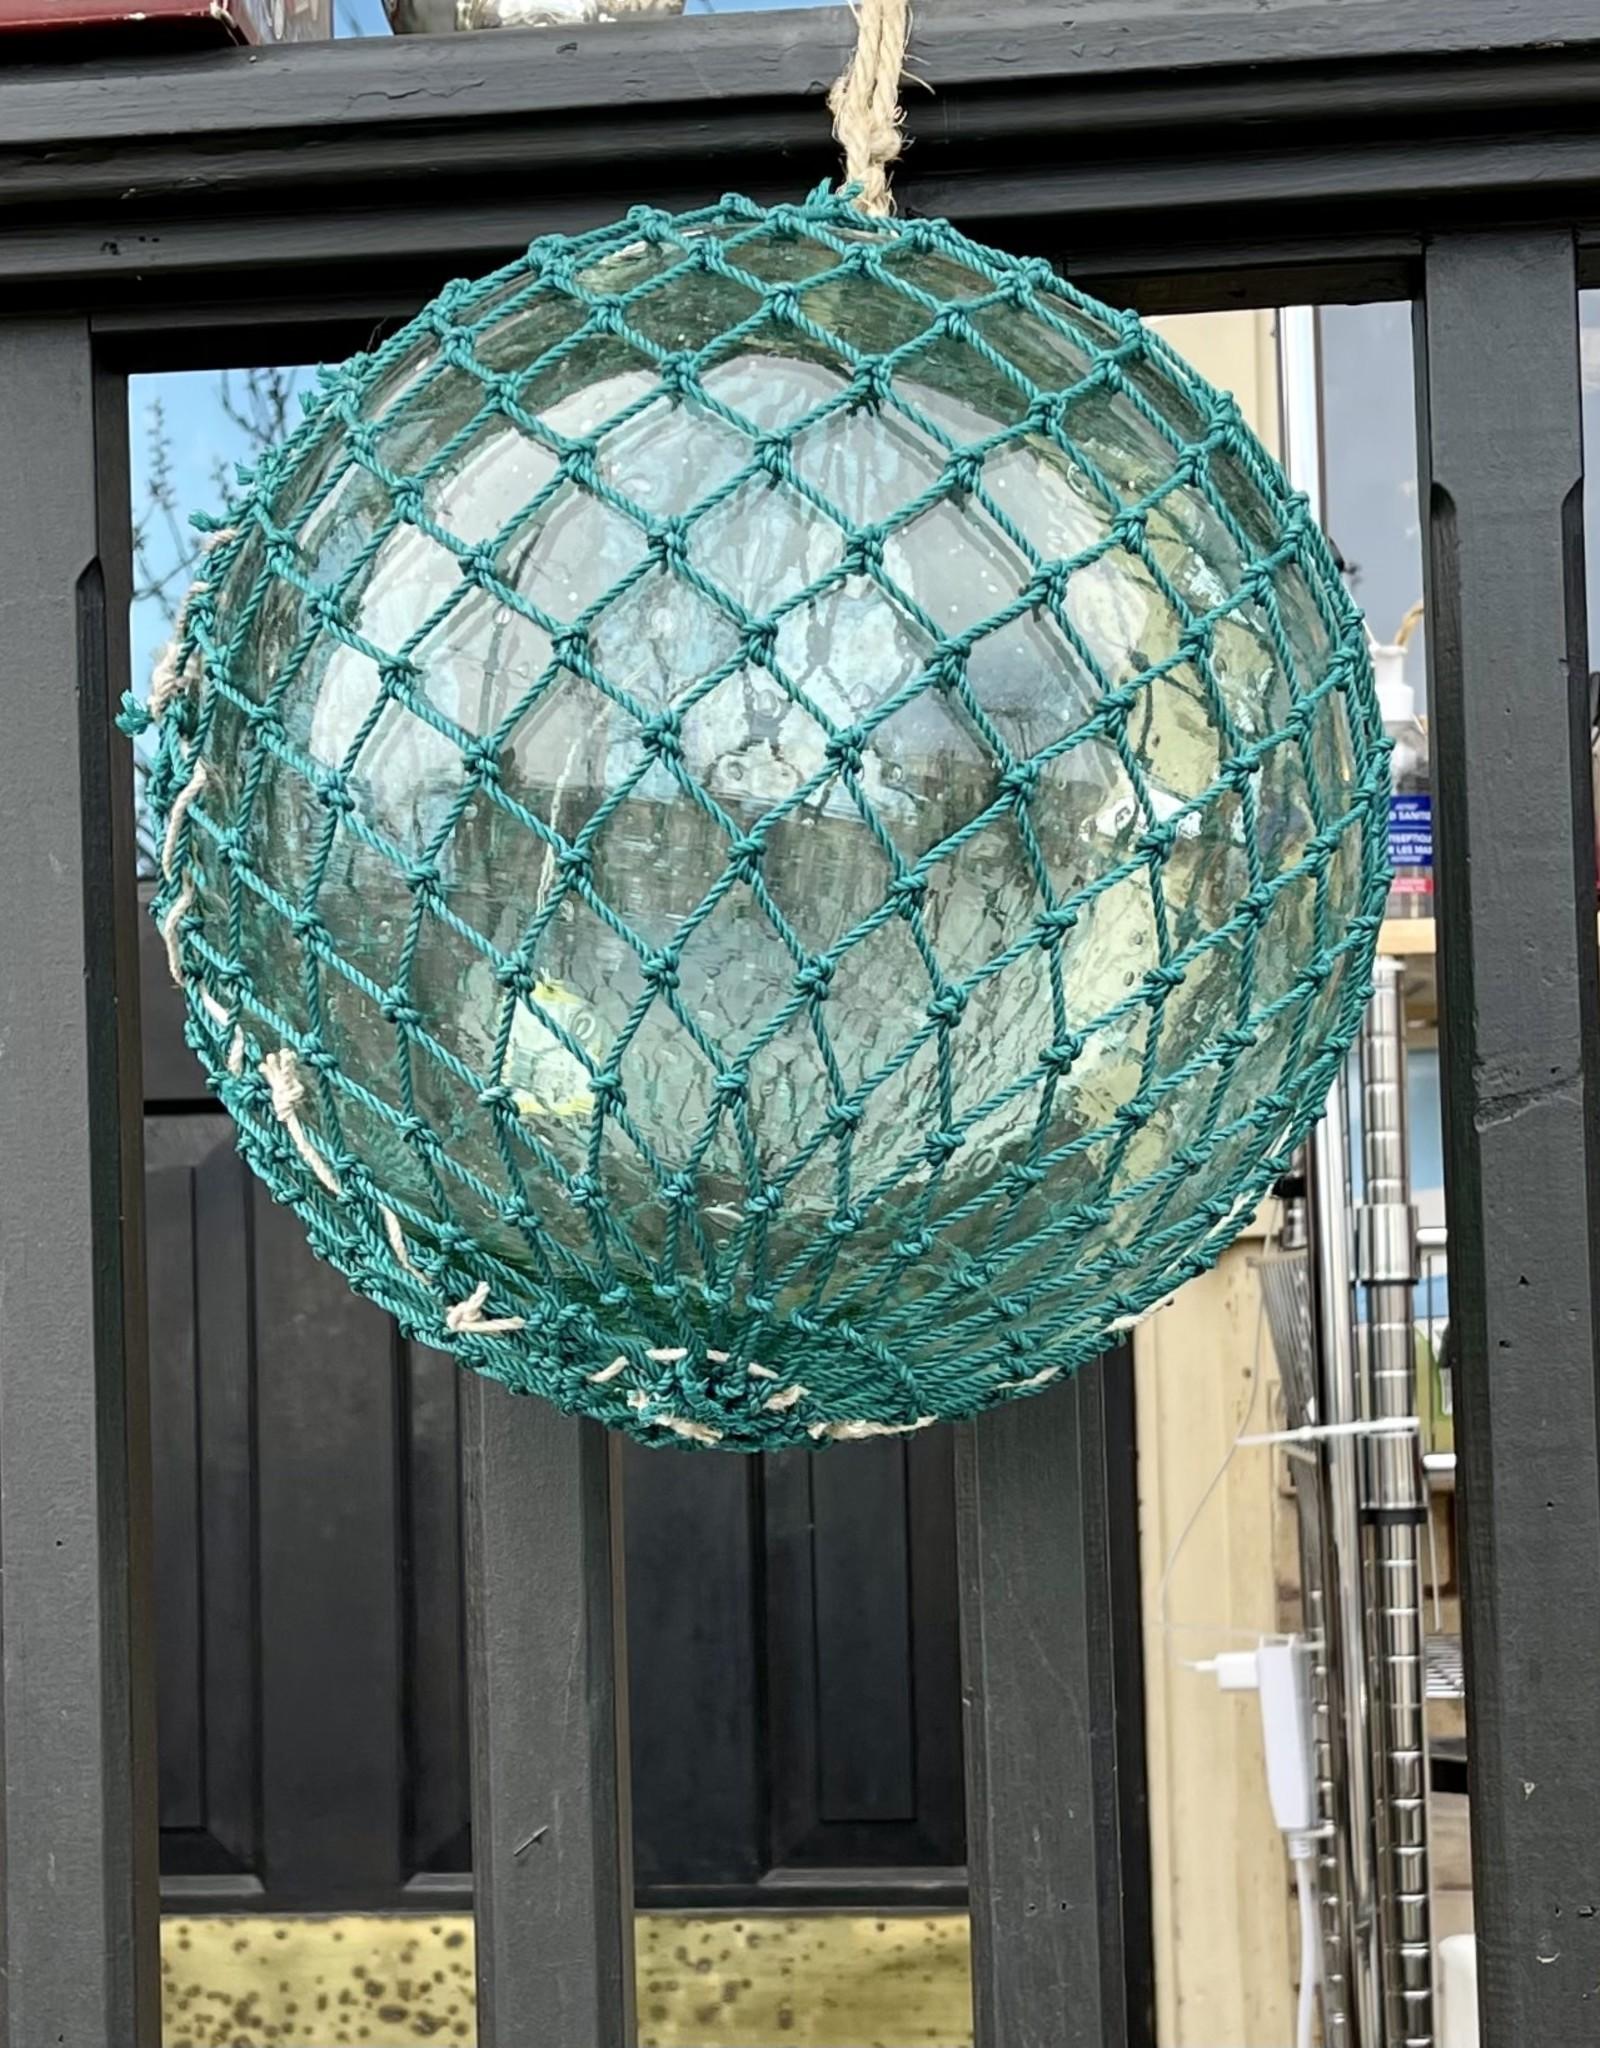 XXL glass Float